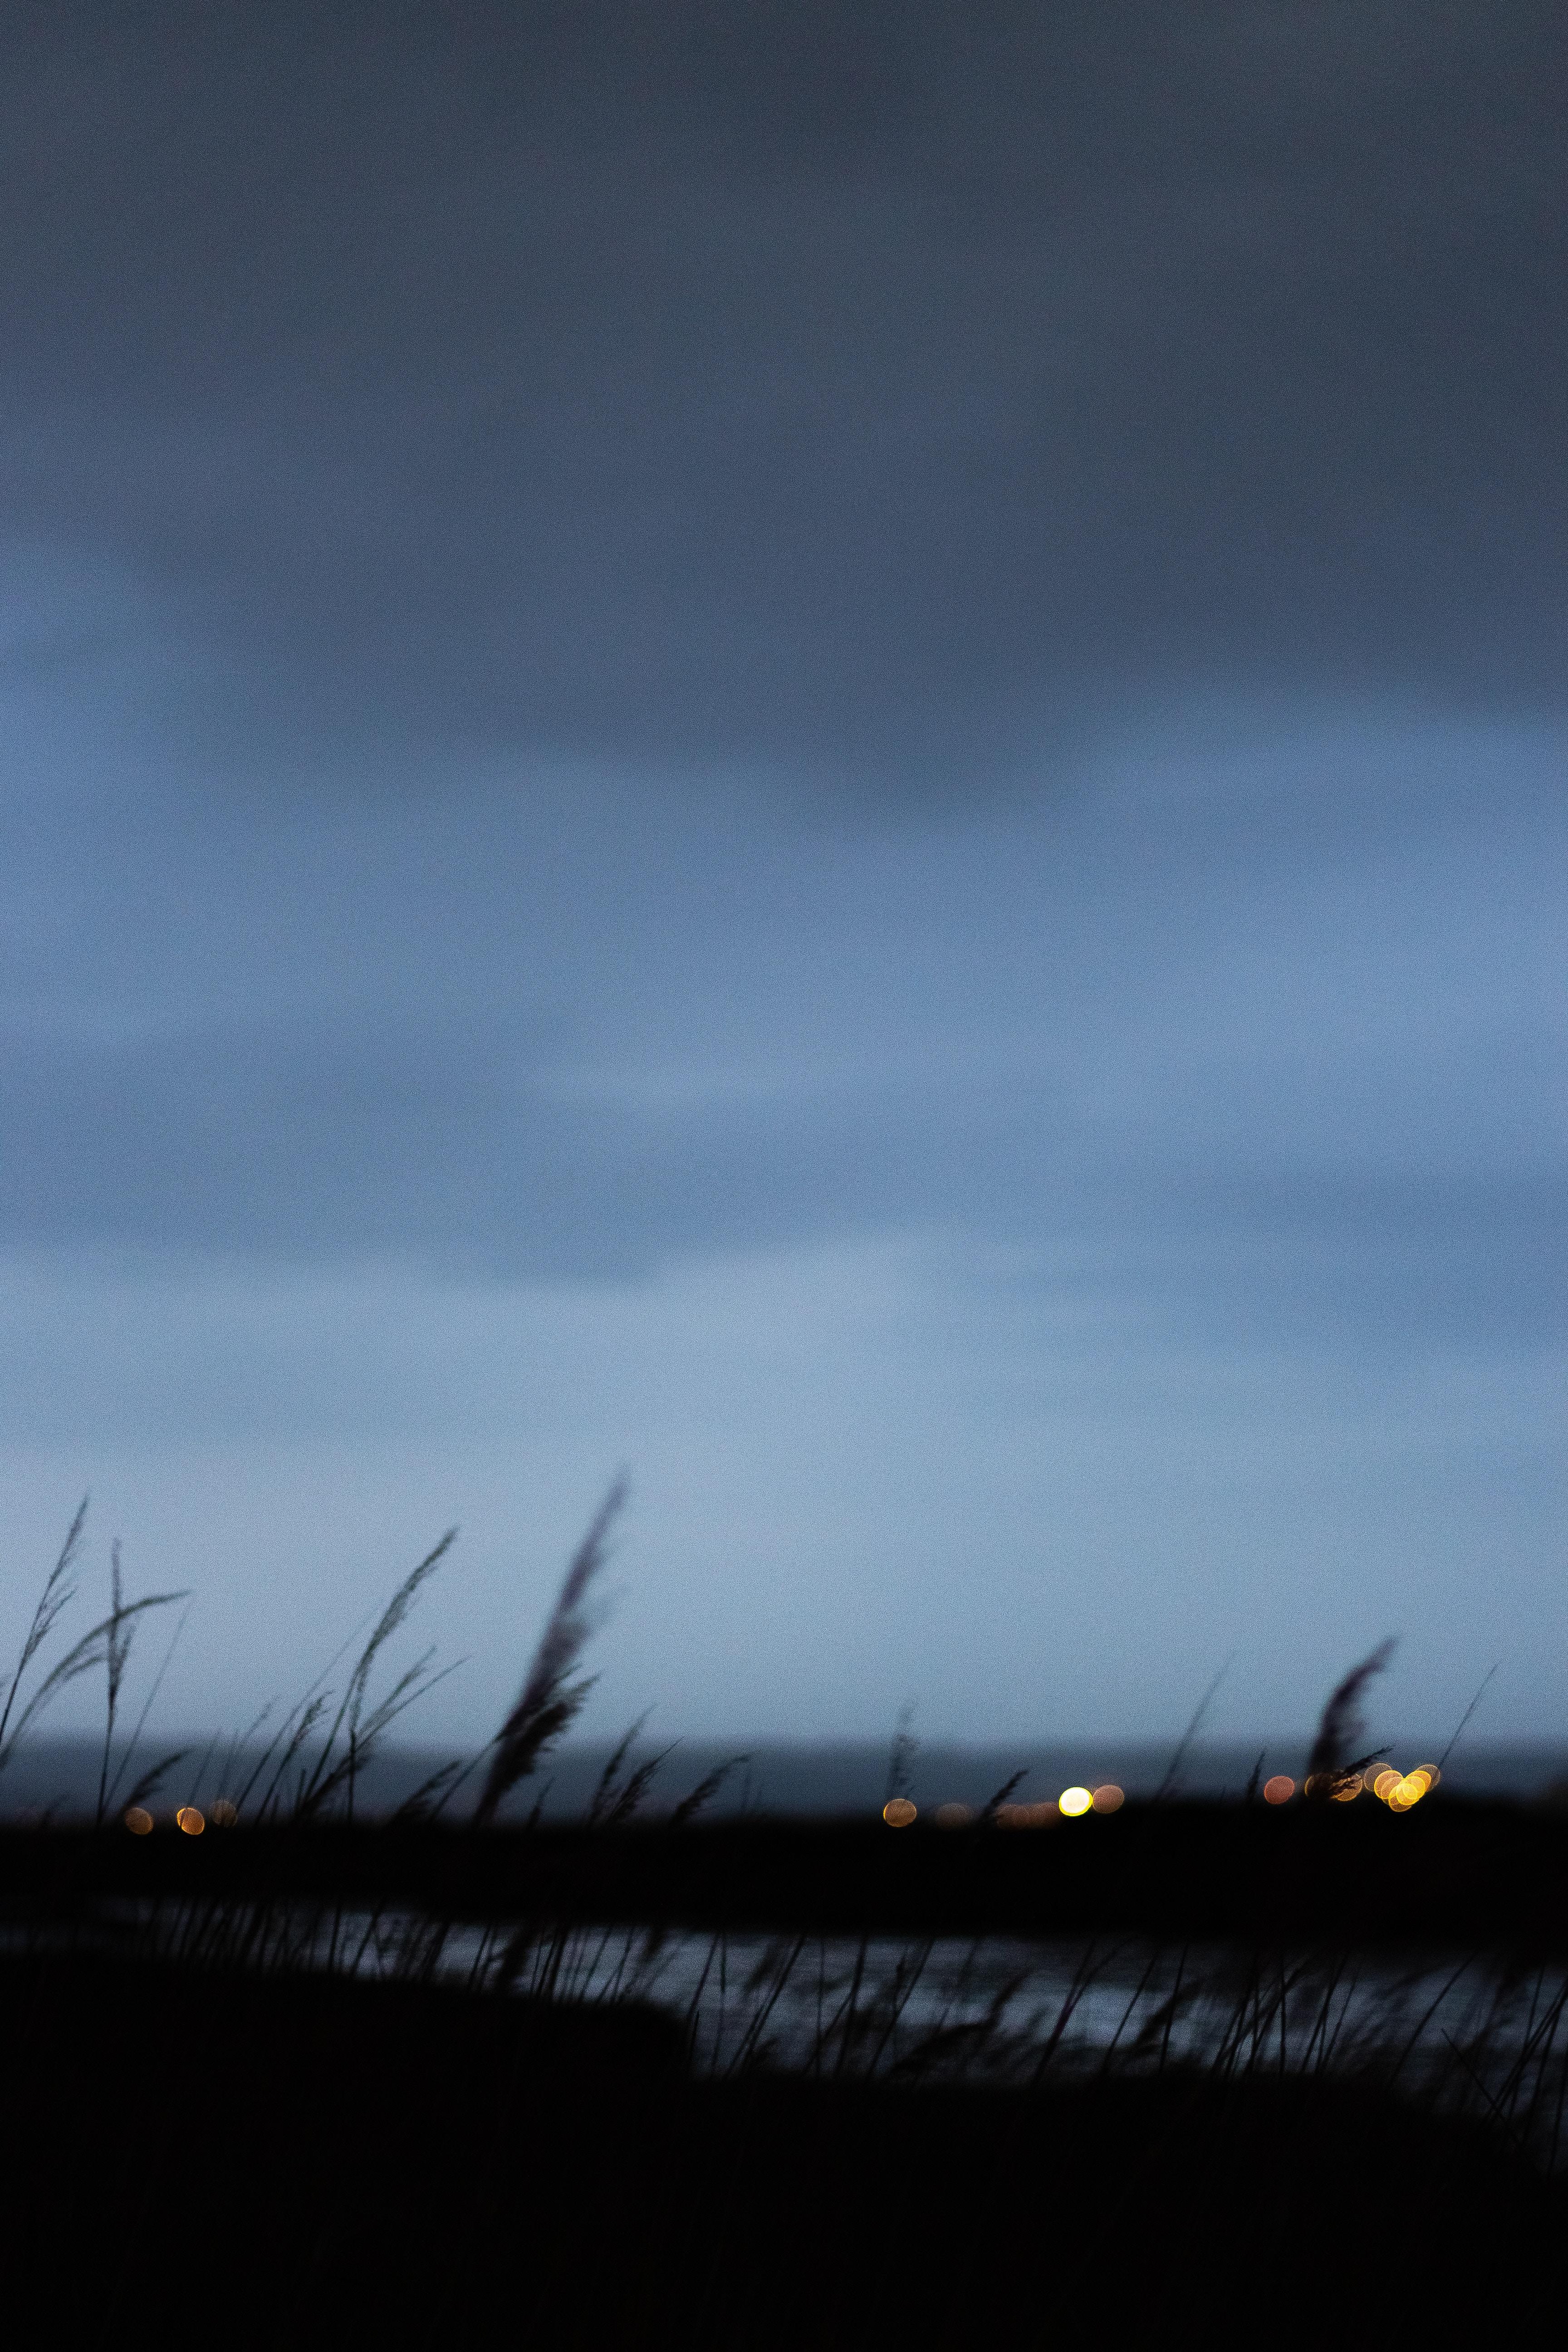 126485 завантажити шпалери Розмитість, Темні, Трава, Сутінки, Темний, Гладкою, Обриси, Контури, Боке, Бокет (Івате) - заставки і картинки безкоштовно